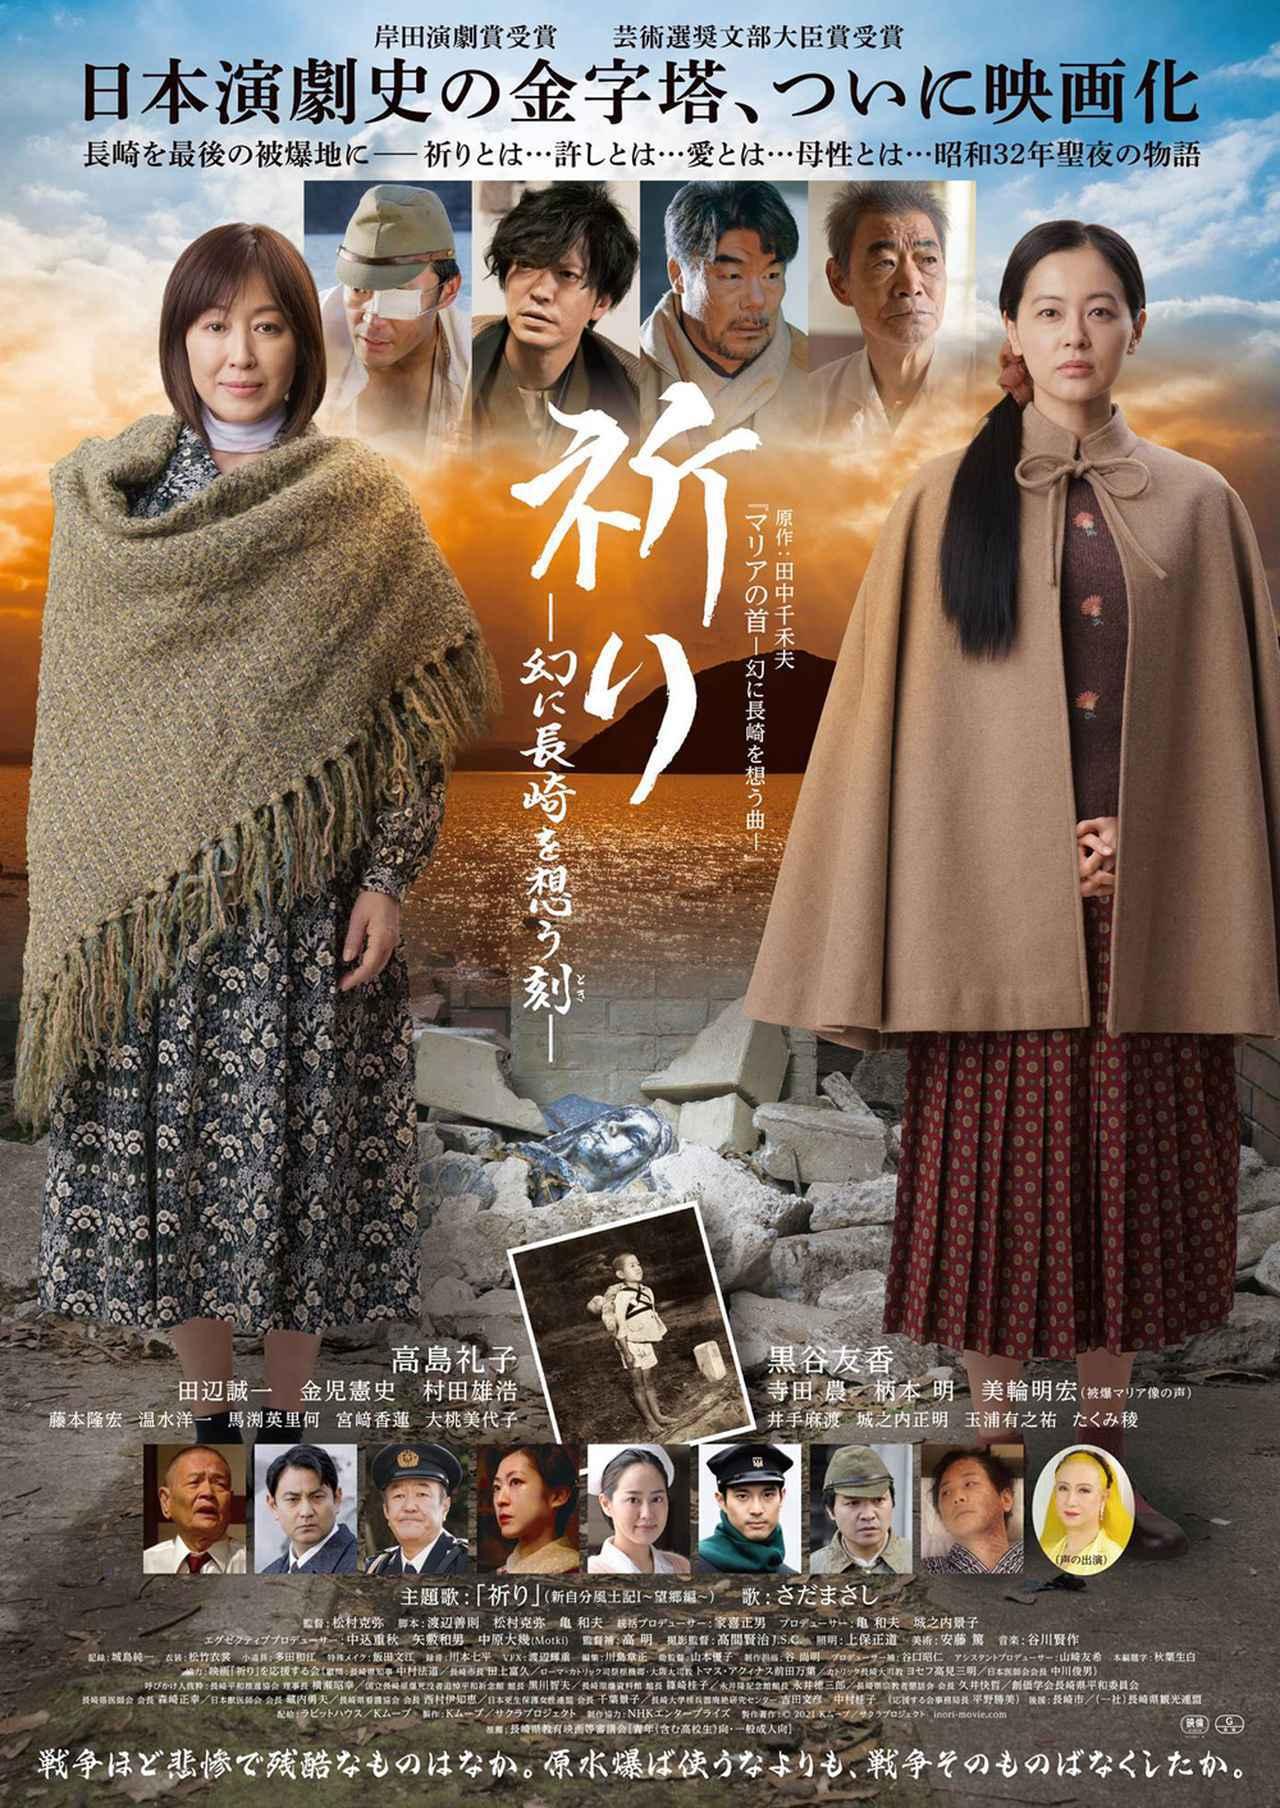 画像4: 映画『祈り-幻に長崎を想う刻(とき)-』がいよいよ公開。「日本人として忘れてはいけない事柄を描いています。多くの人に劇場に足を運んでほしい」(黒谷友香)